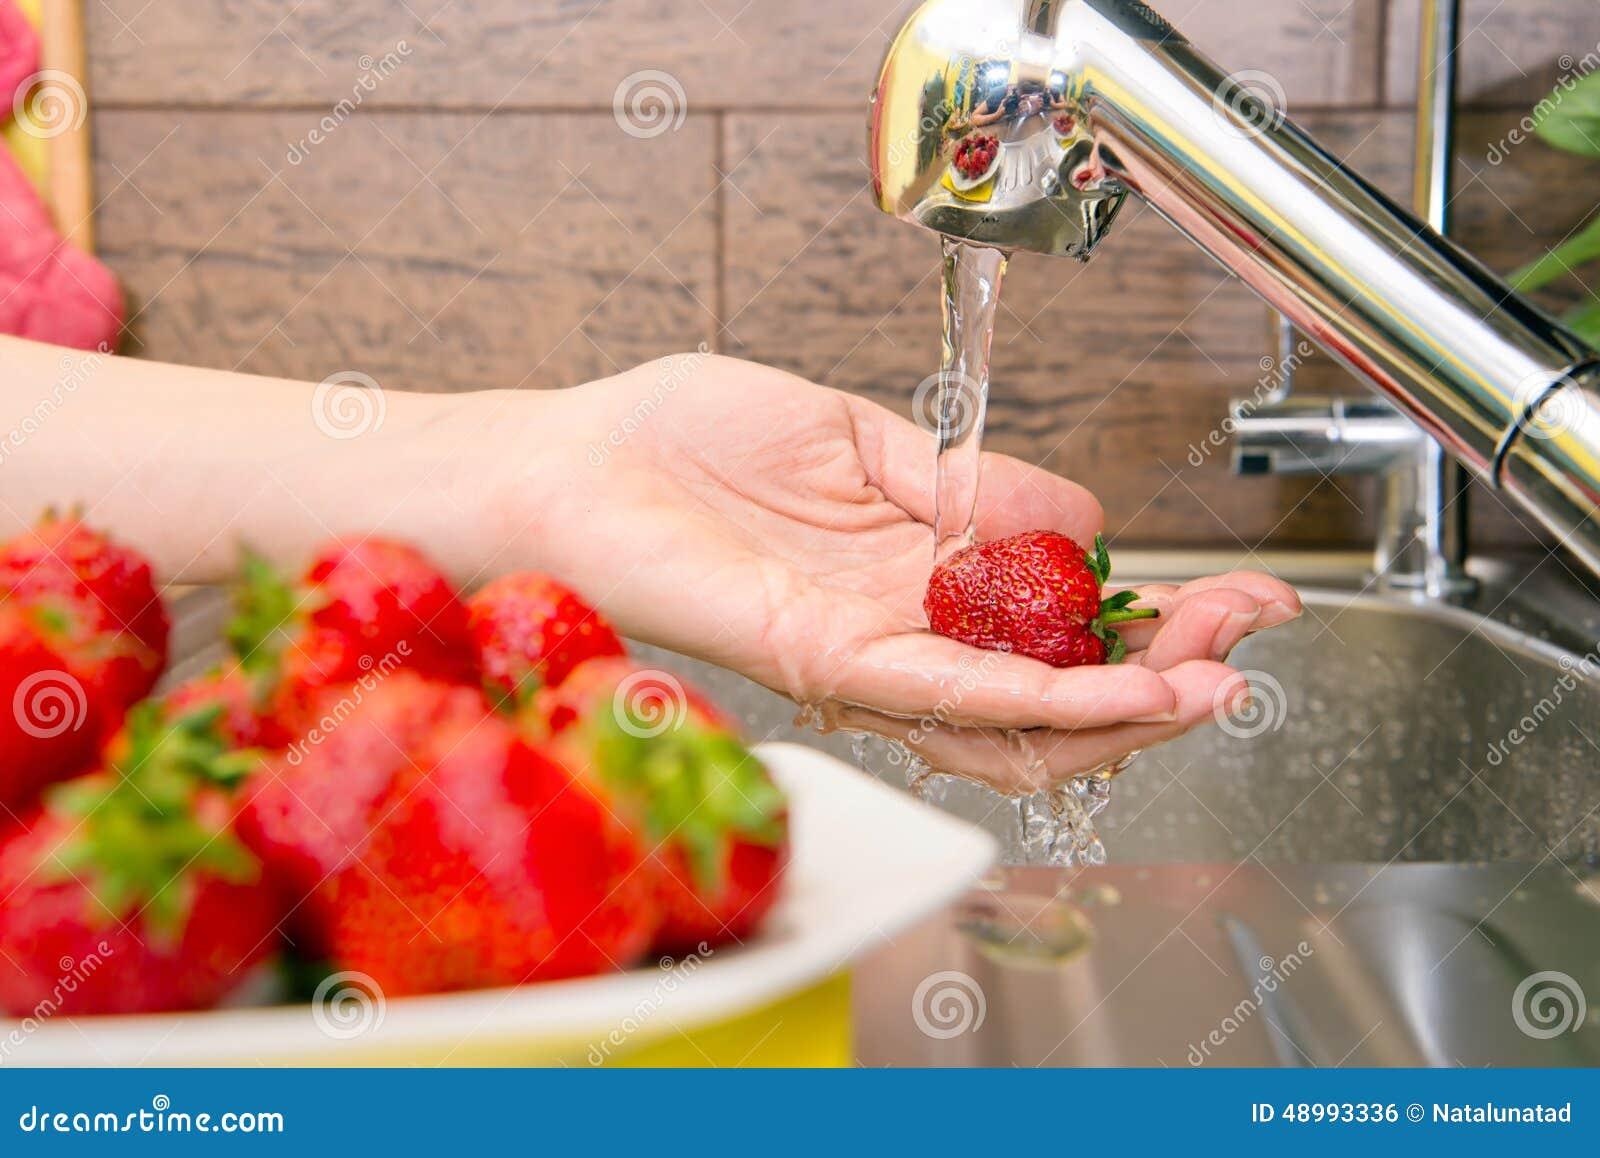 Как отмыть ногти от клубники